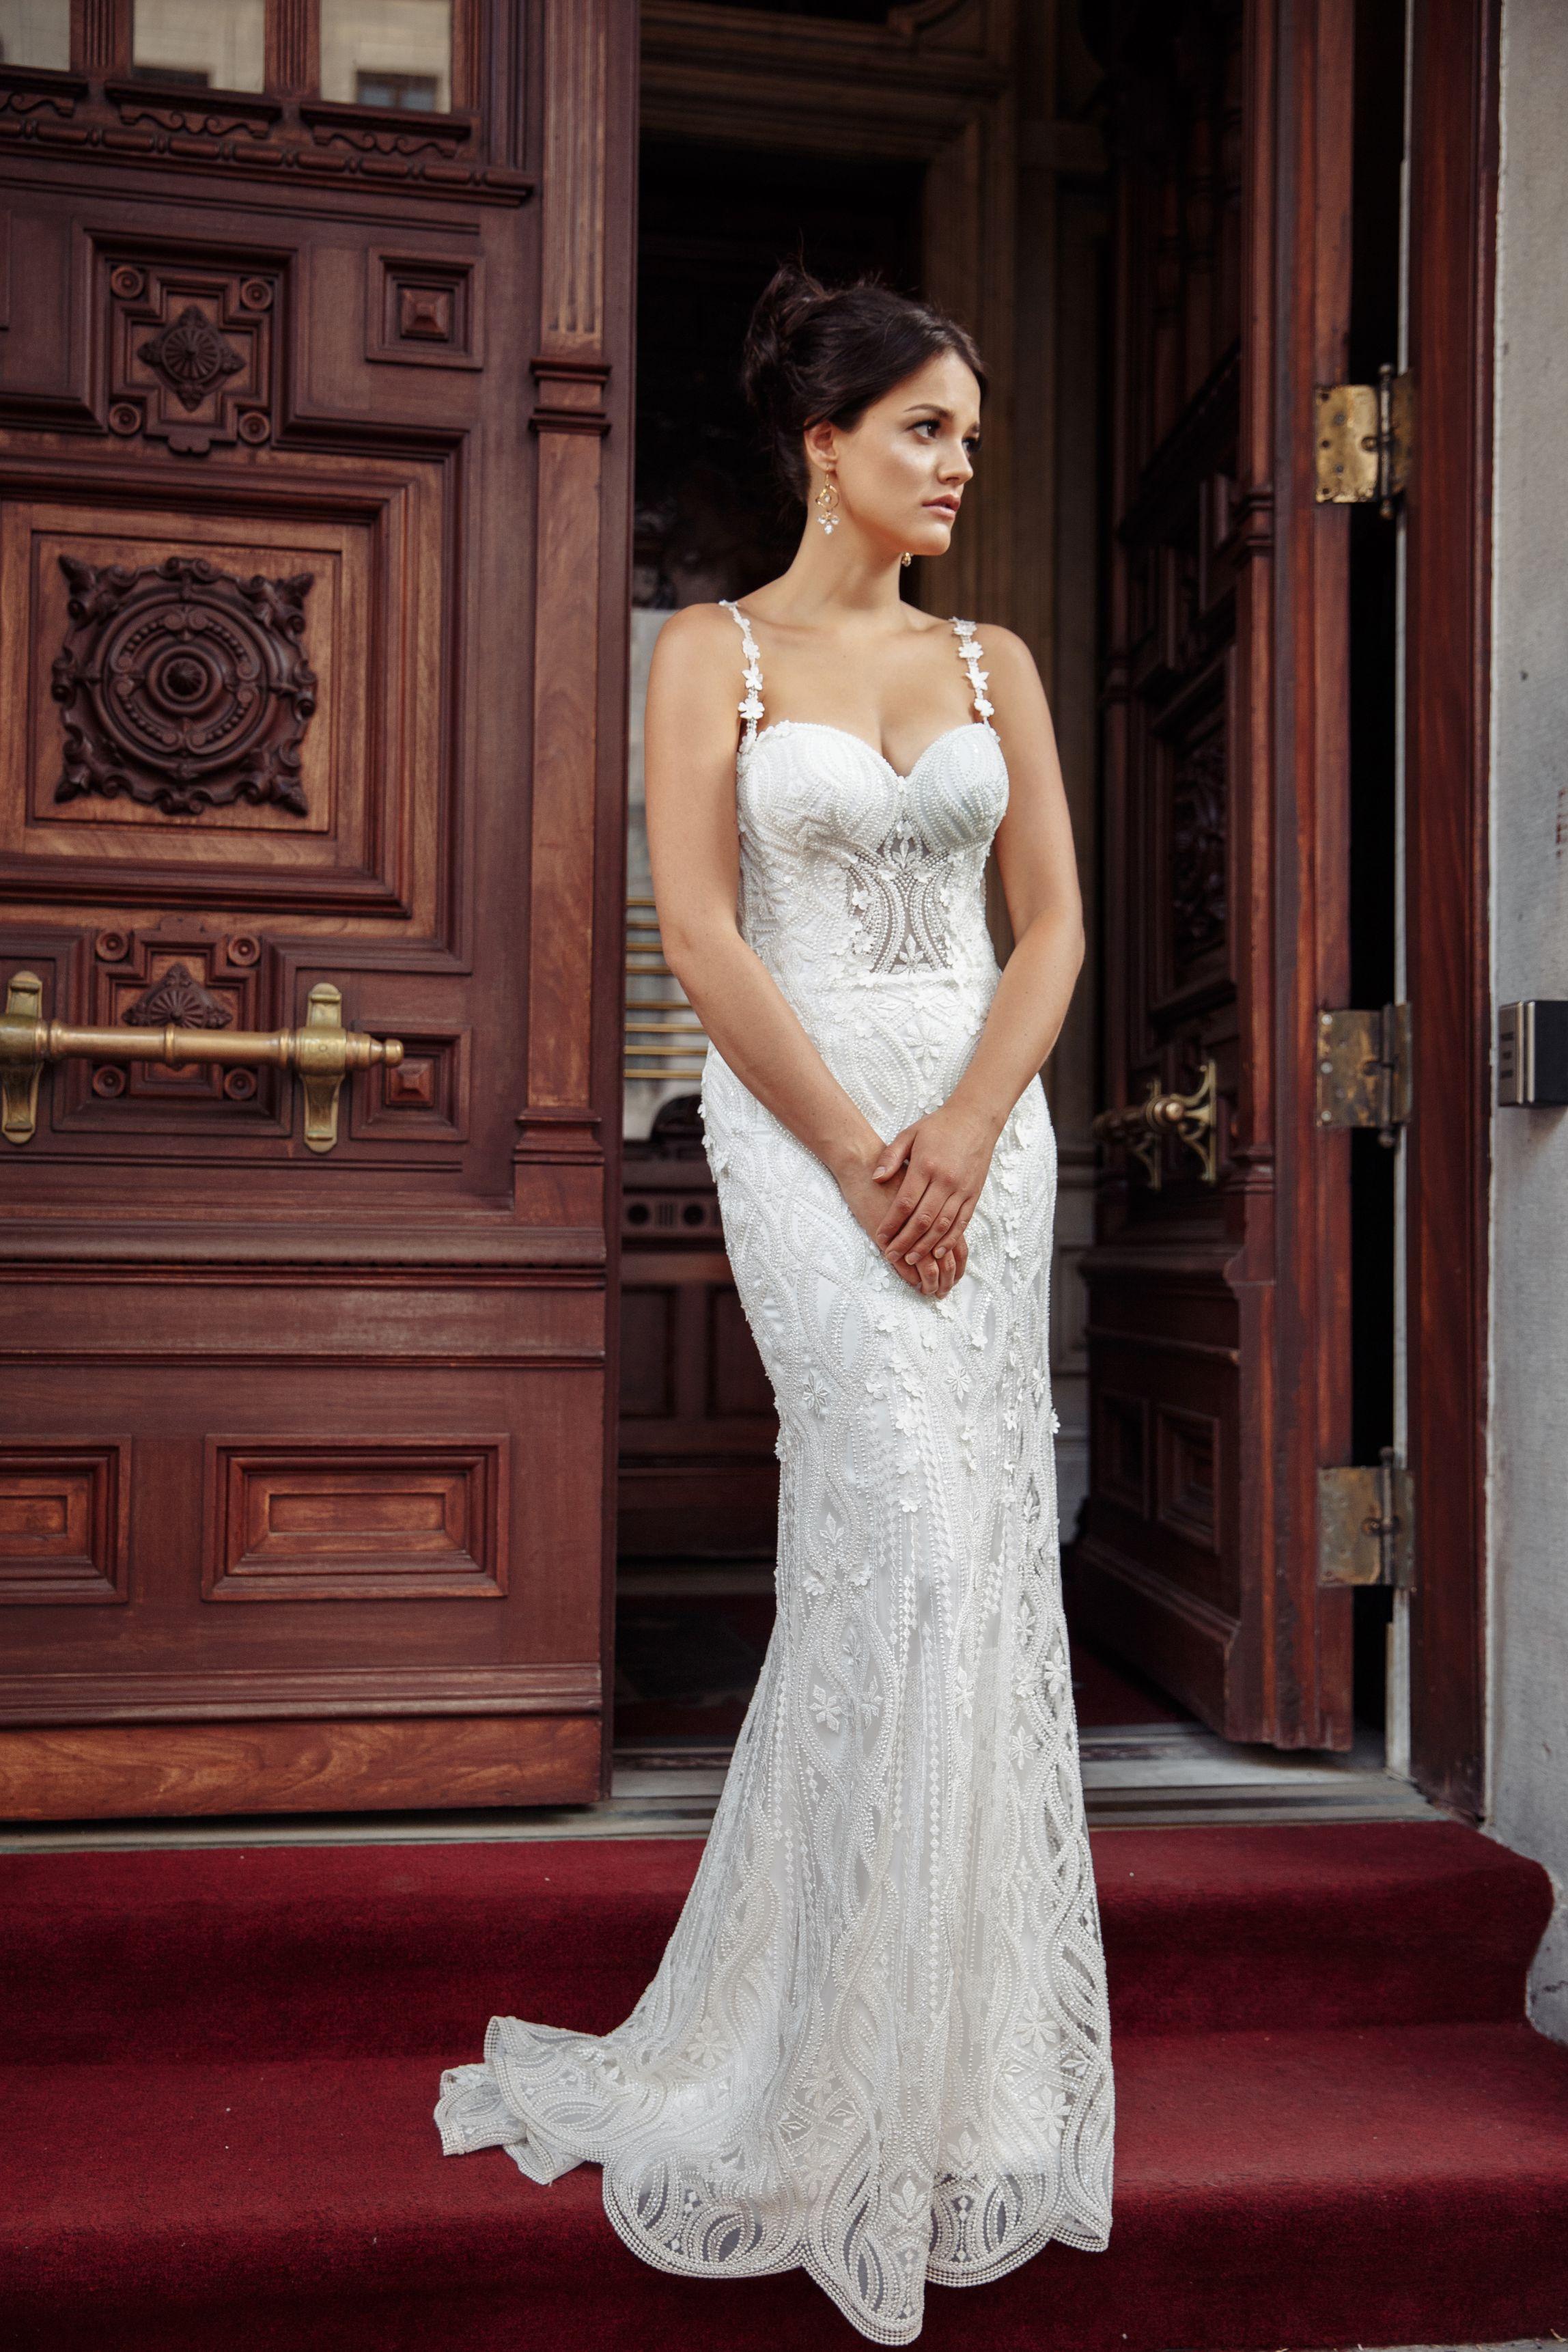 robe de mariee dentelle perlee lilia haute couture montreal meilleure boutique de noces